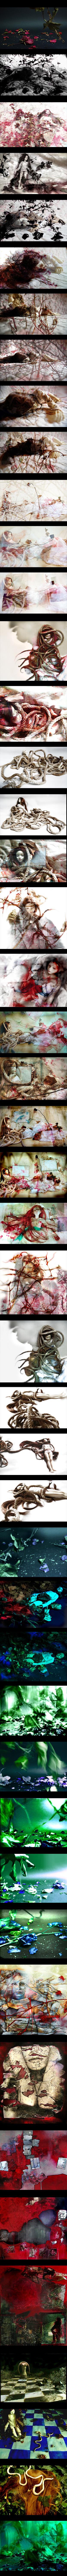 Dolls - Ophelia (art, paintings) series by Barbara Agreste